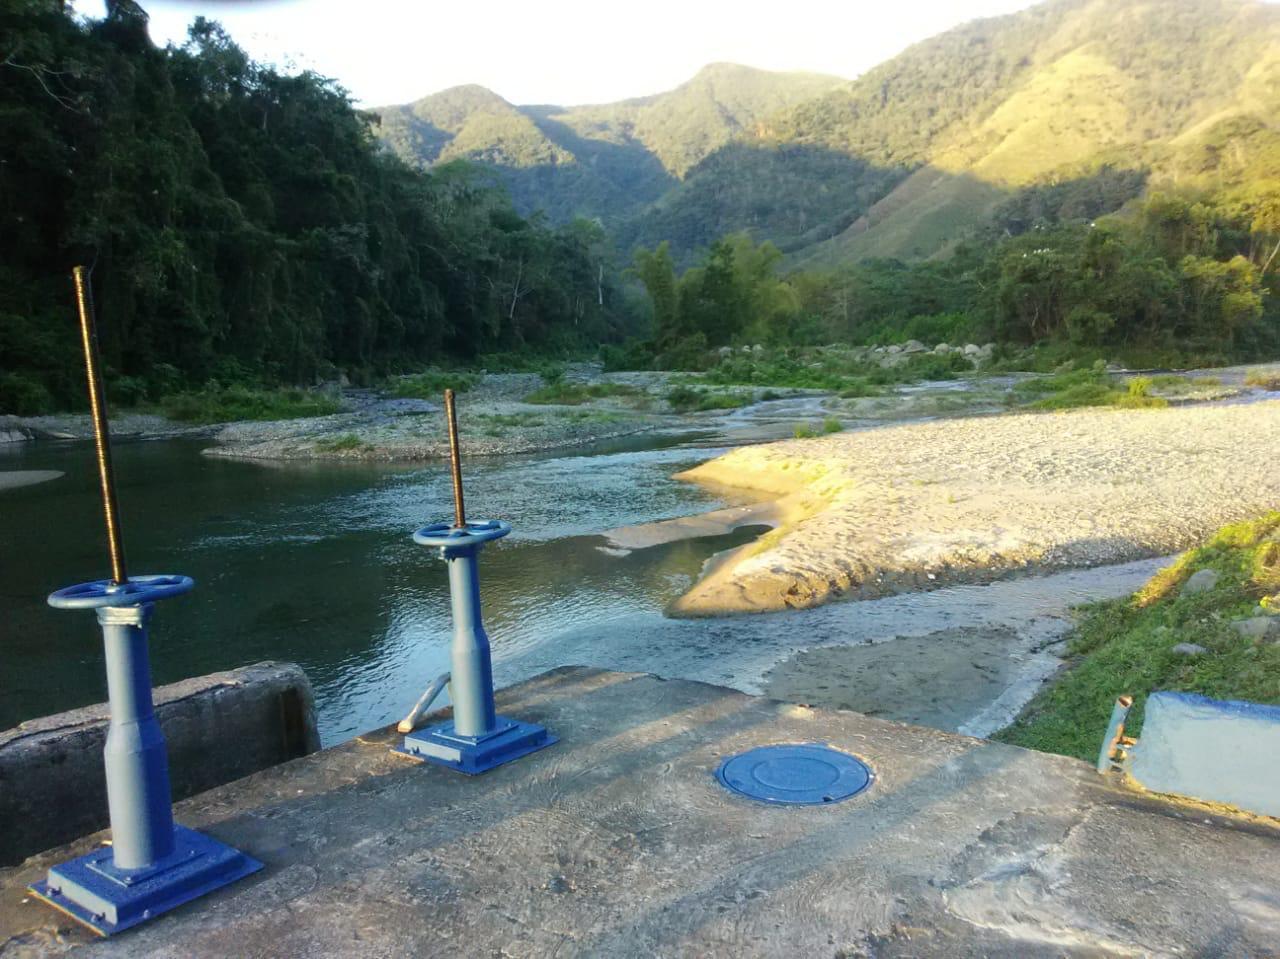 Alejandro Montás anuncia sequía provoca reducción de 51 millones de galones agua potable diarios